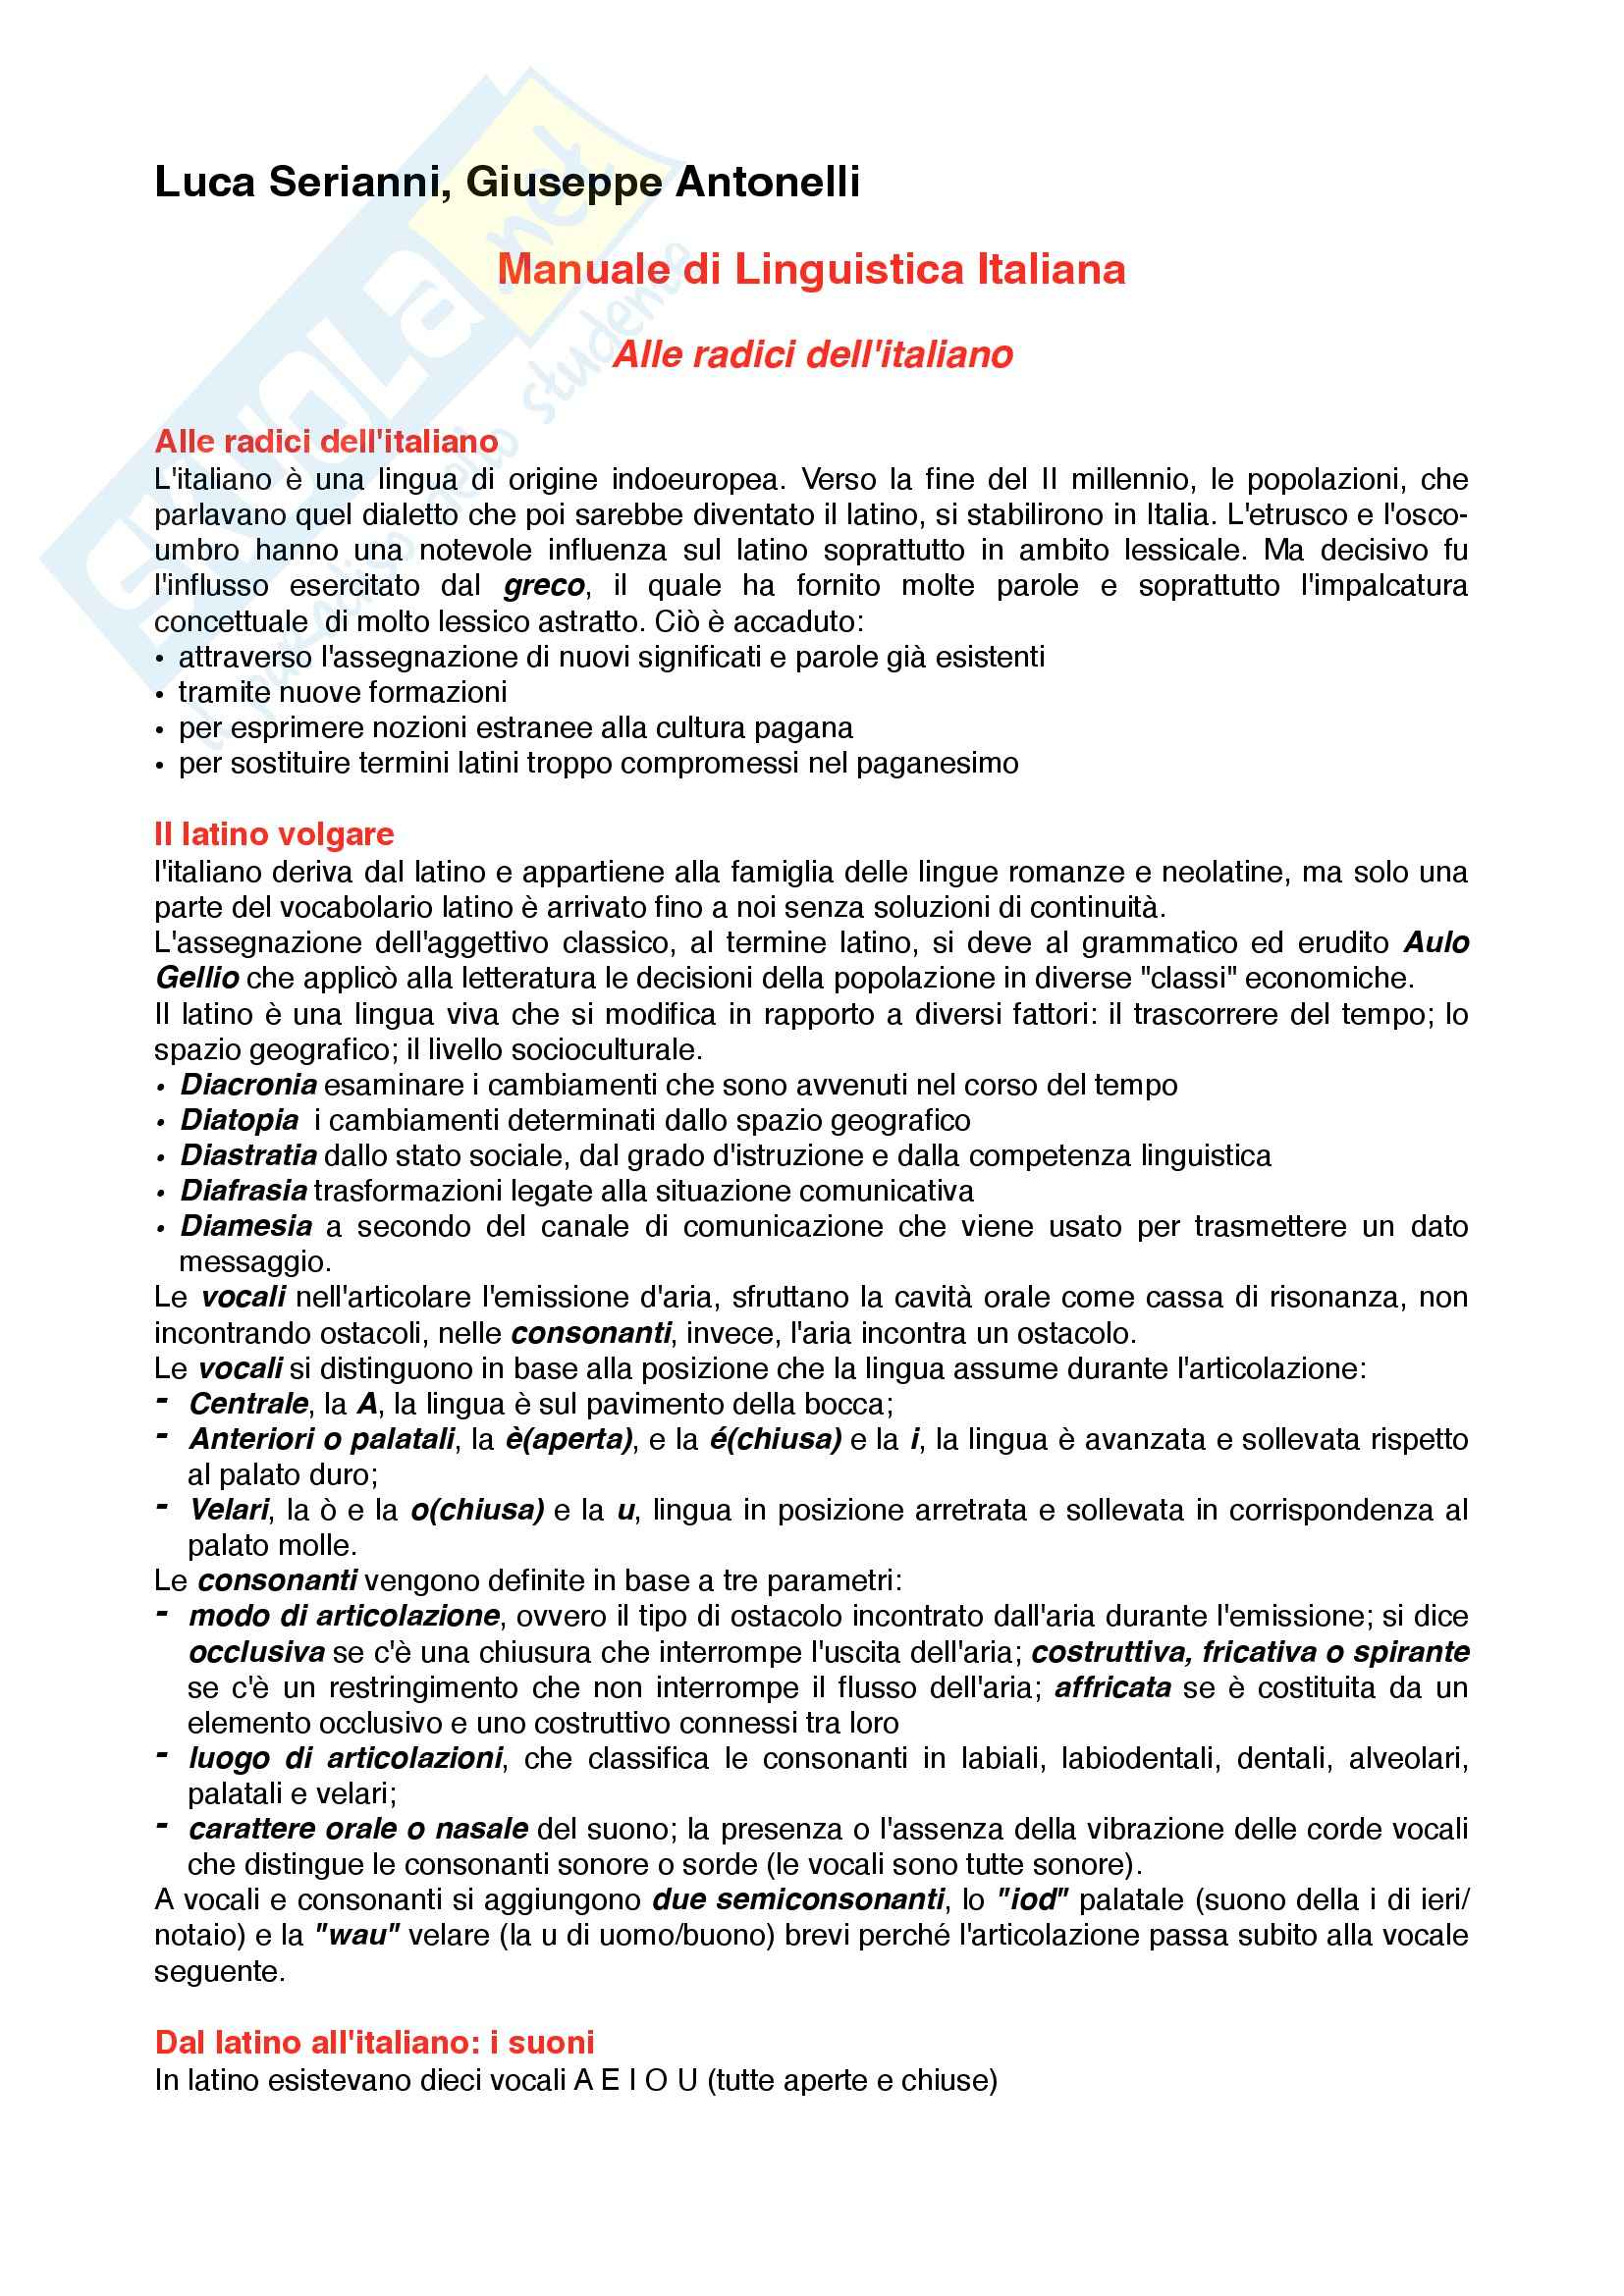 Riassunto esame Linguistica Italiana, Prof. Papa, libro consigliato Manuale di linguistica italiana, Serianni, Antonelli